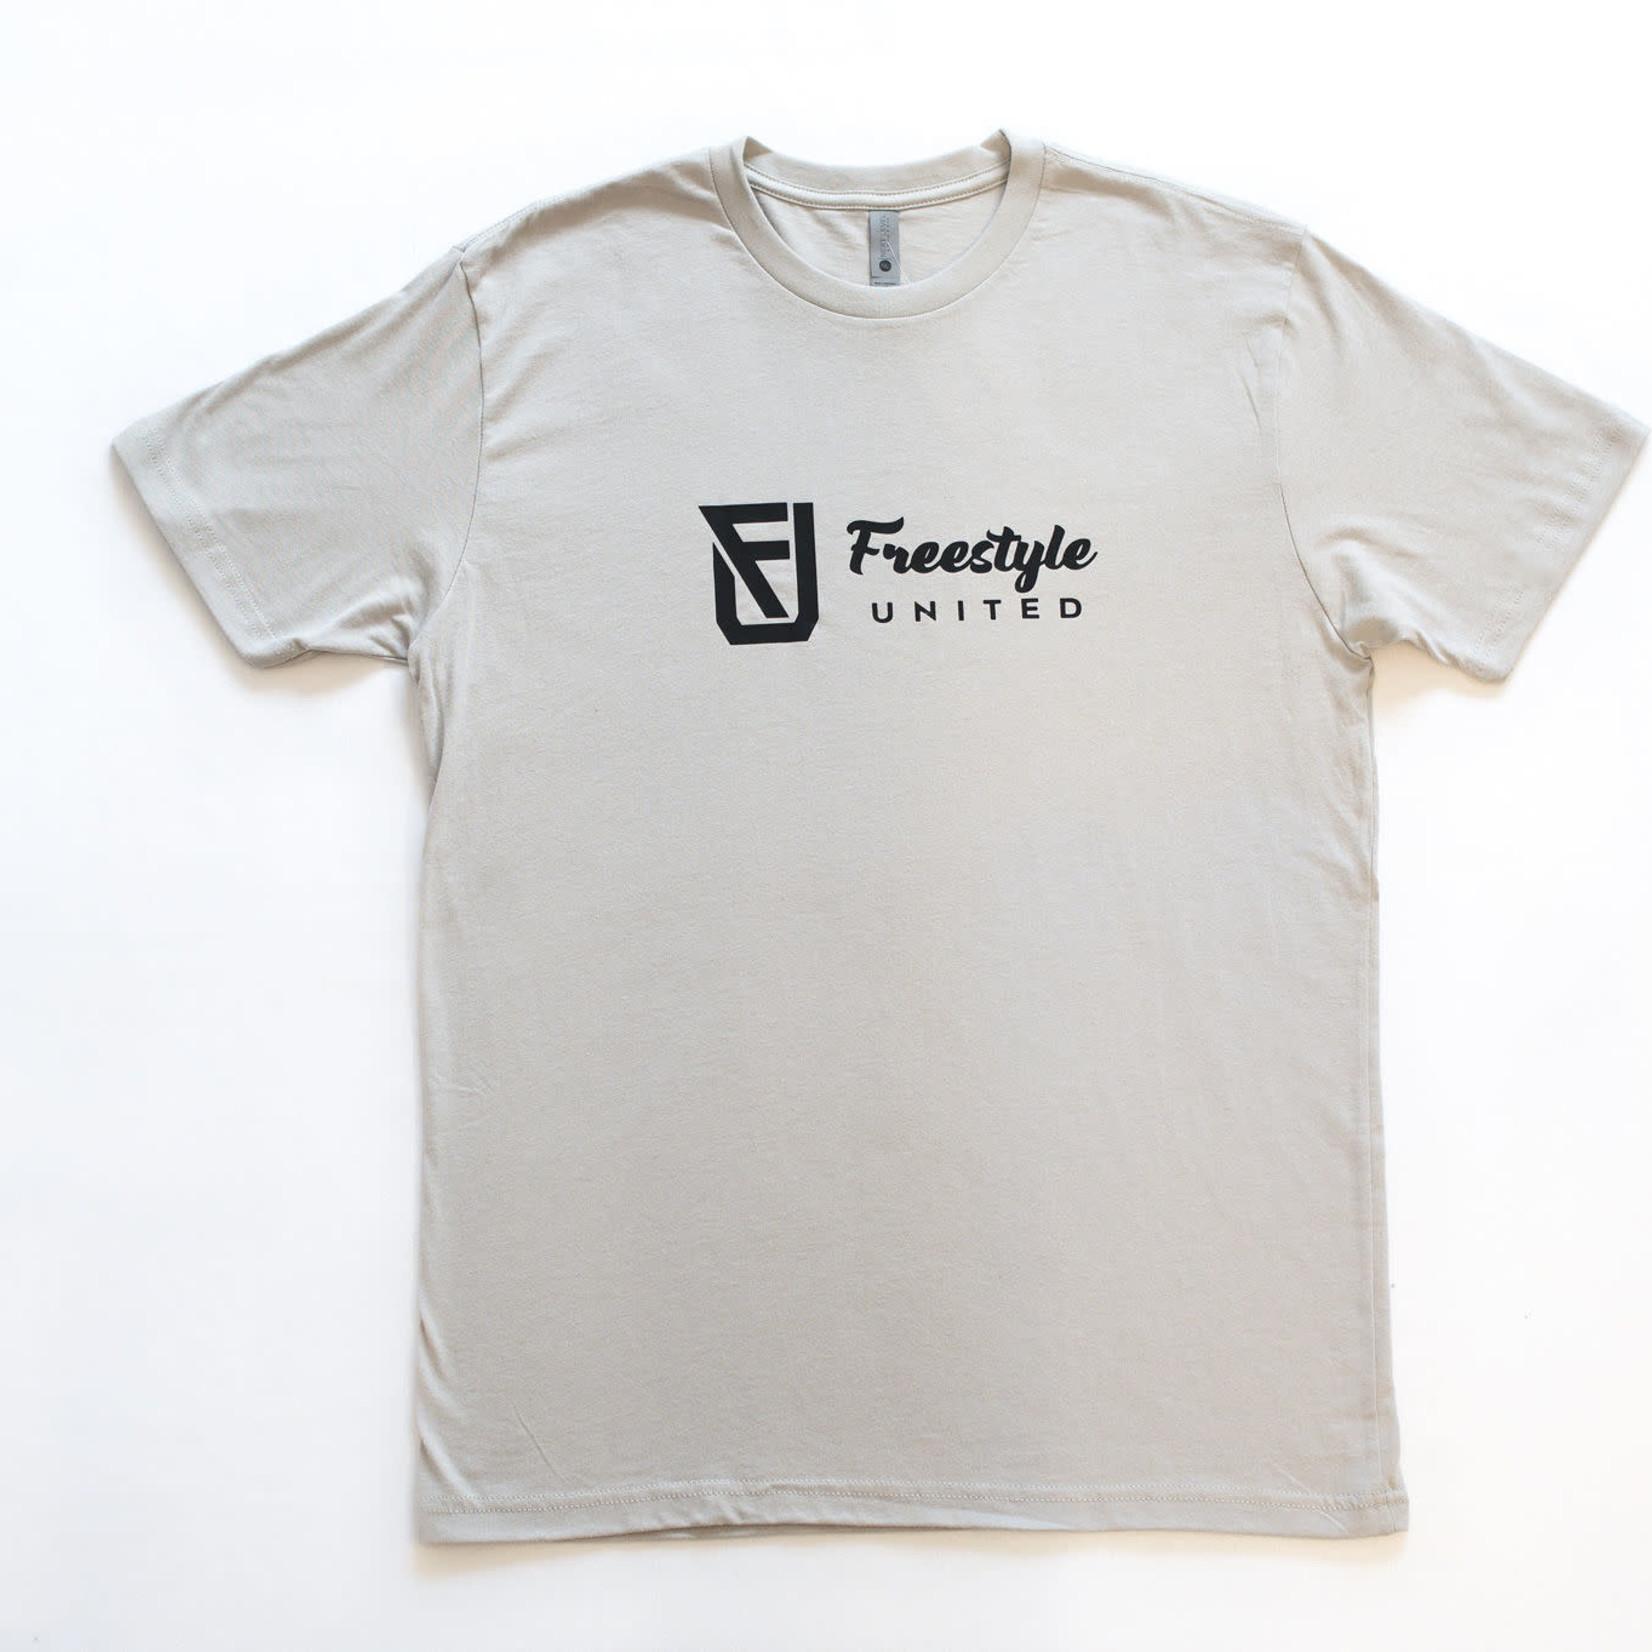 Freestyle United Freestyle United - Adult OG T-shirt - Light Grey